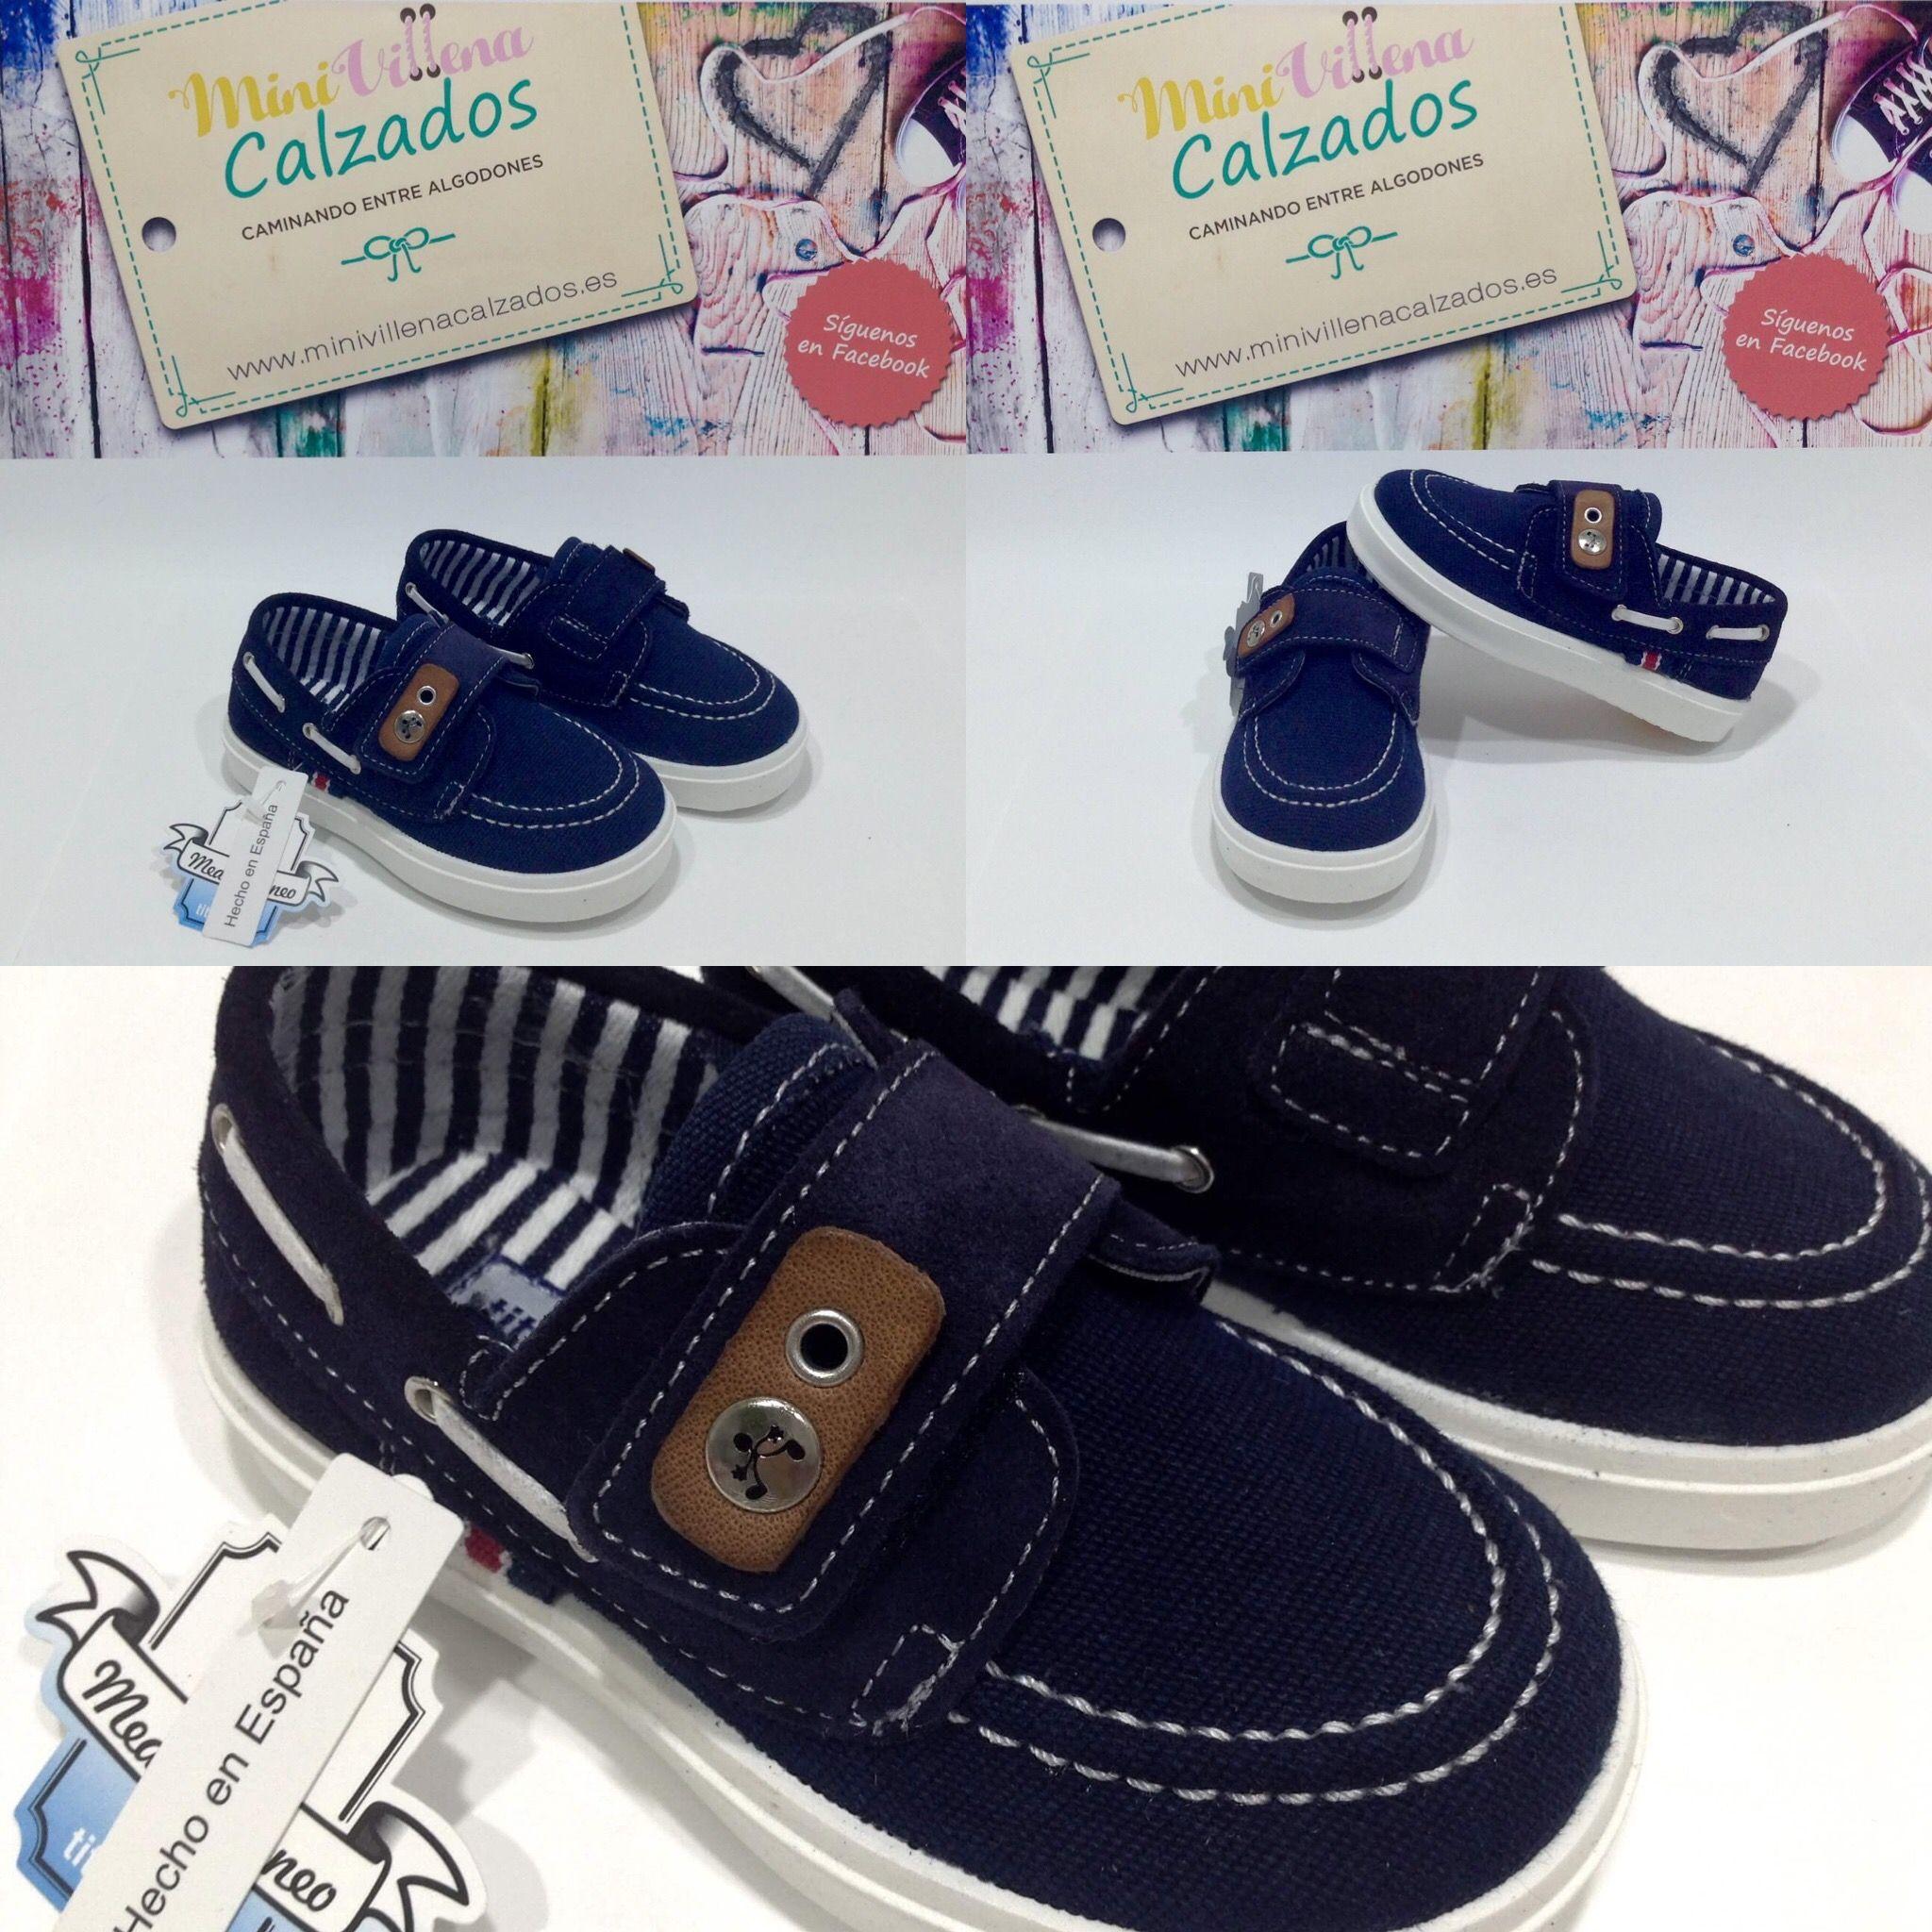 1184750212e 23 mejores imágenes de Zapato infantil